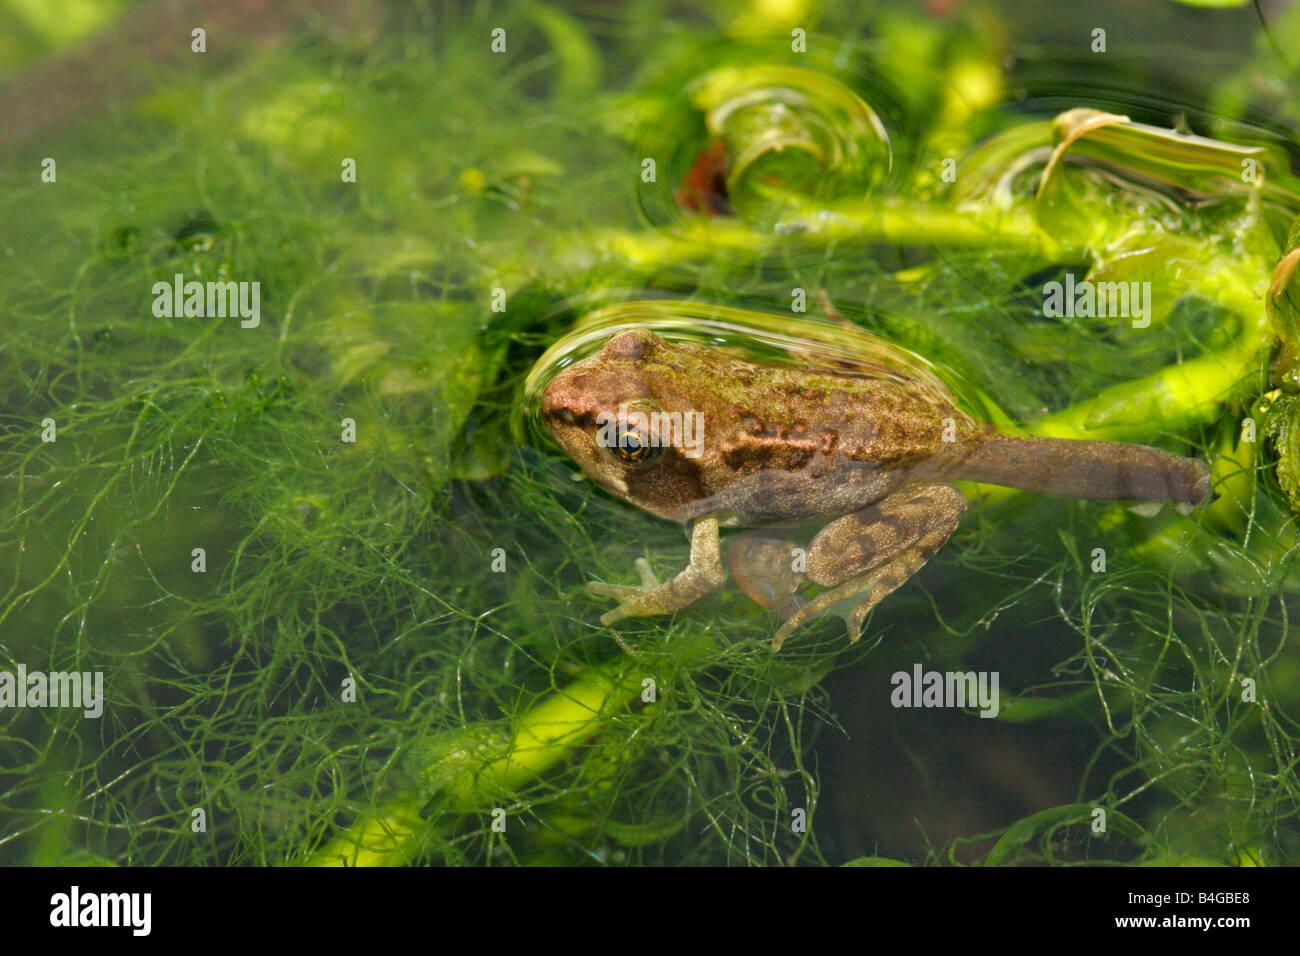 Common Frog Rana temporaria single froglet resting in garden pond Taken June London UK - Stock Image